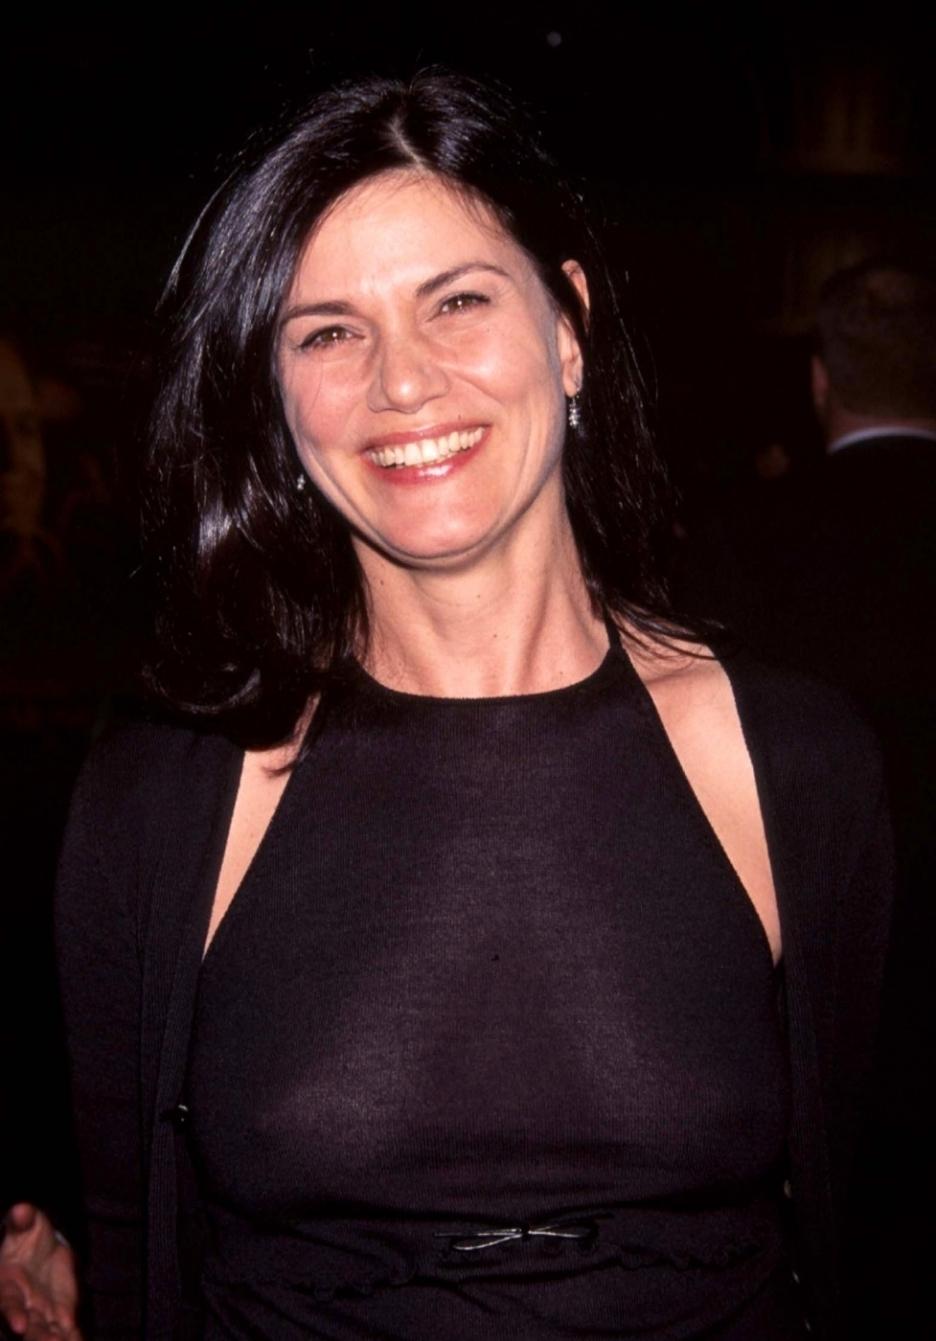 Desmond Llewelyn (1914?999),Lucita Soriano (1941?015) Porno videos Anne Firth,Patricia Arquette born April 8, 1968 (age 50)